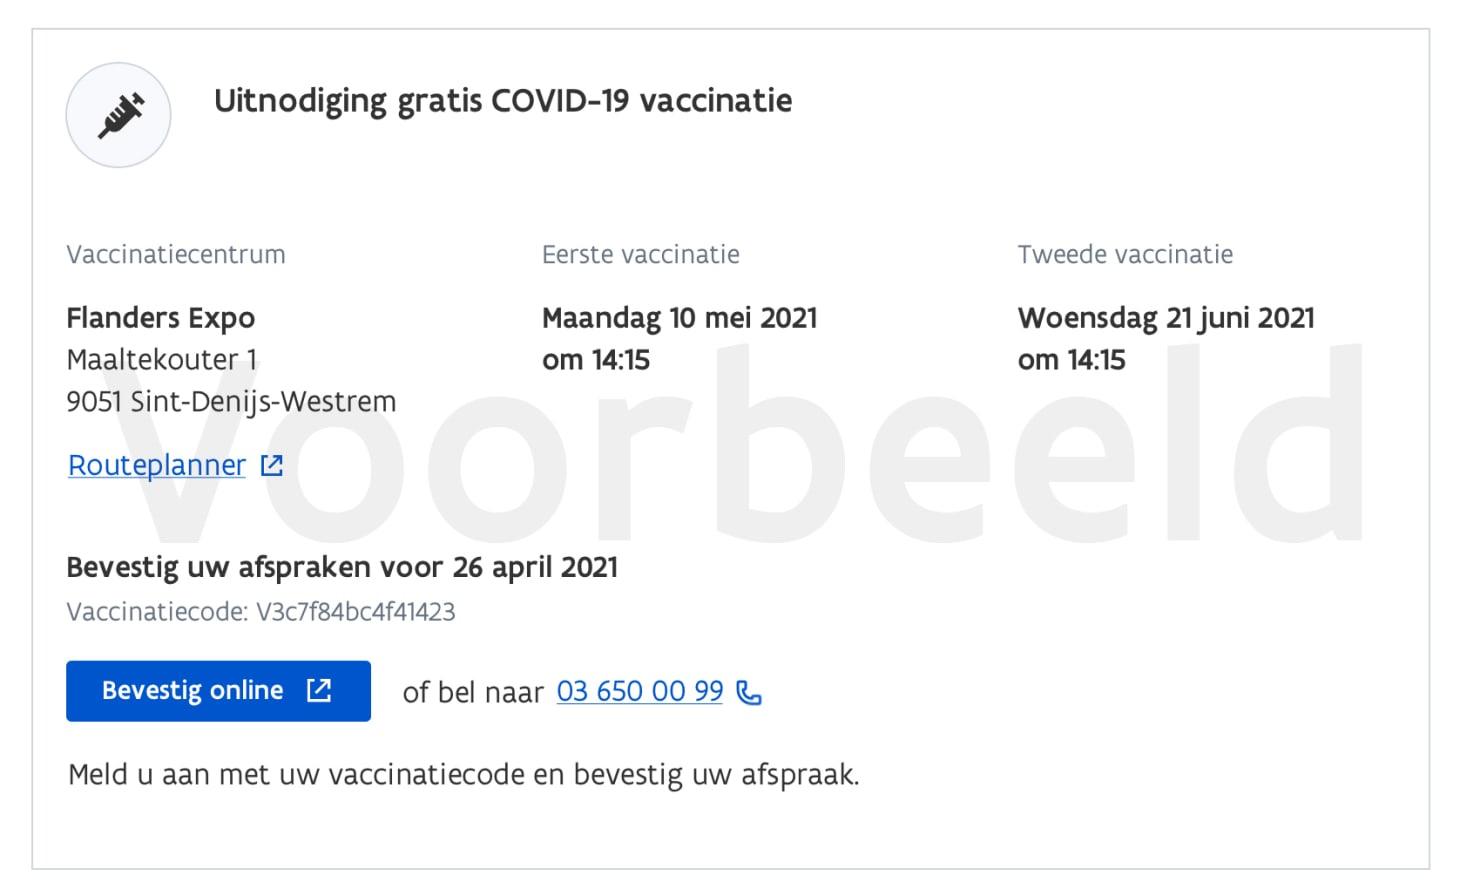 Fictief voorbeeld uitnodiging COVID-19 vaccinatie in Flanders Expo op 10 mei, met vaccinatiecode om de afspraak te bevestigen